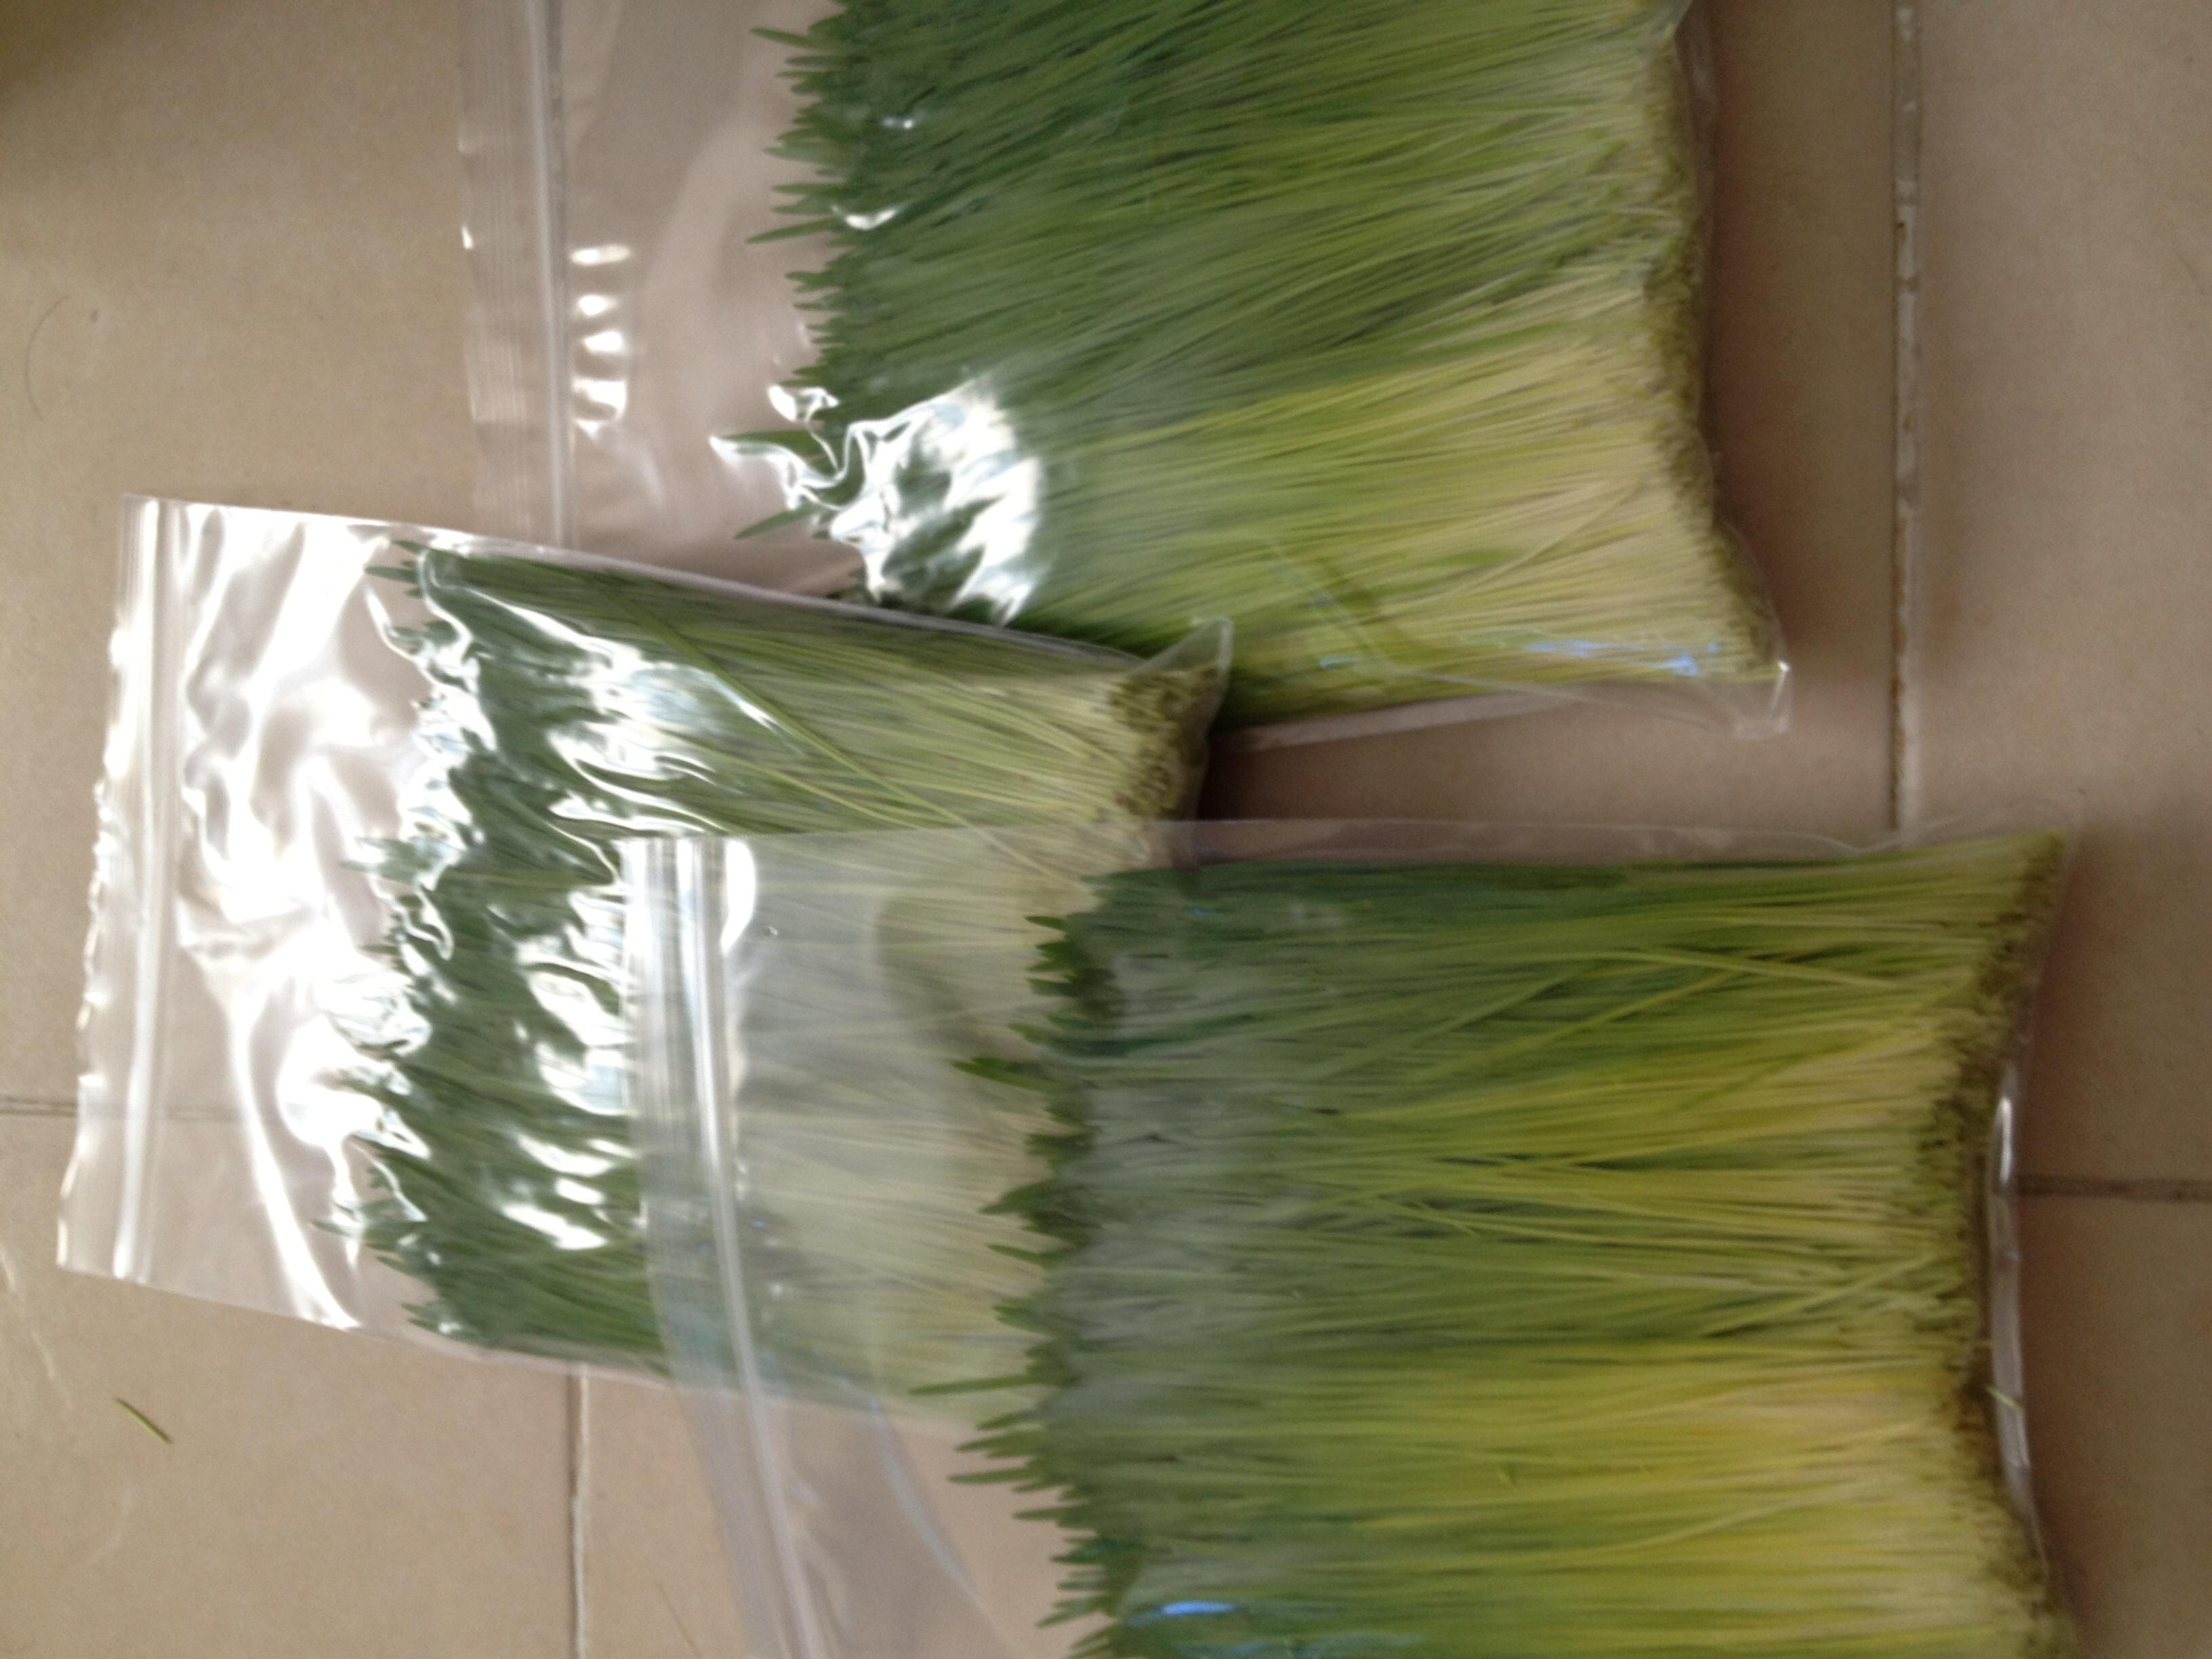 ต้นอ่อนข้าวสาลี ต้นอ่อนข้าวสาลีตัดสด Wheatgrass 1 Kg.